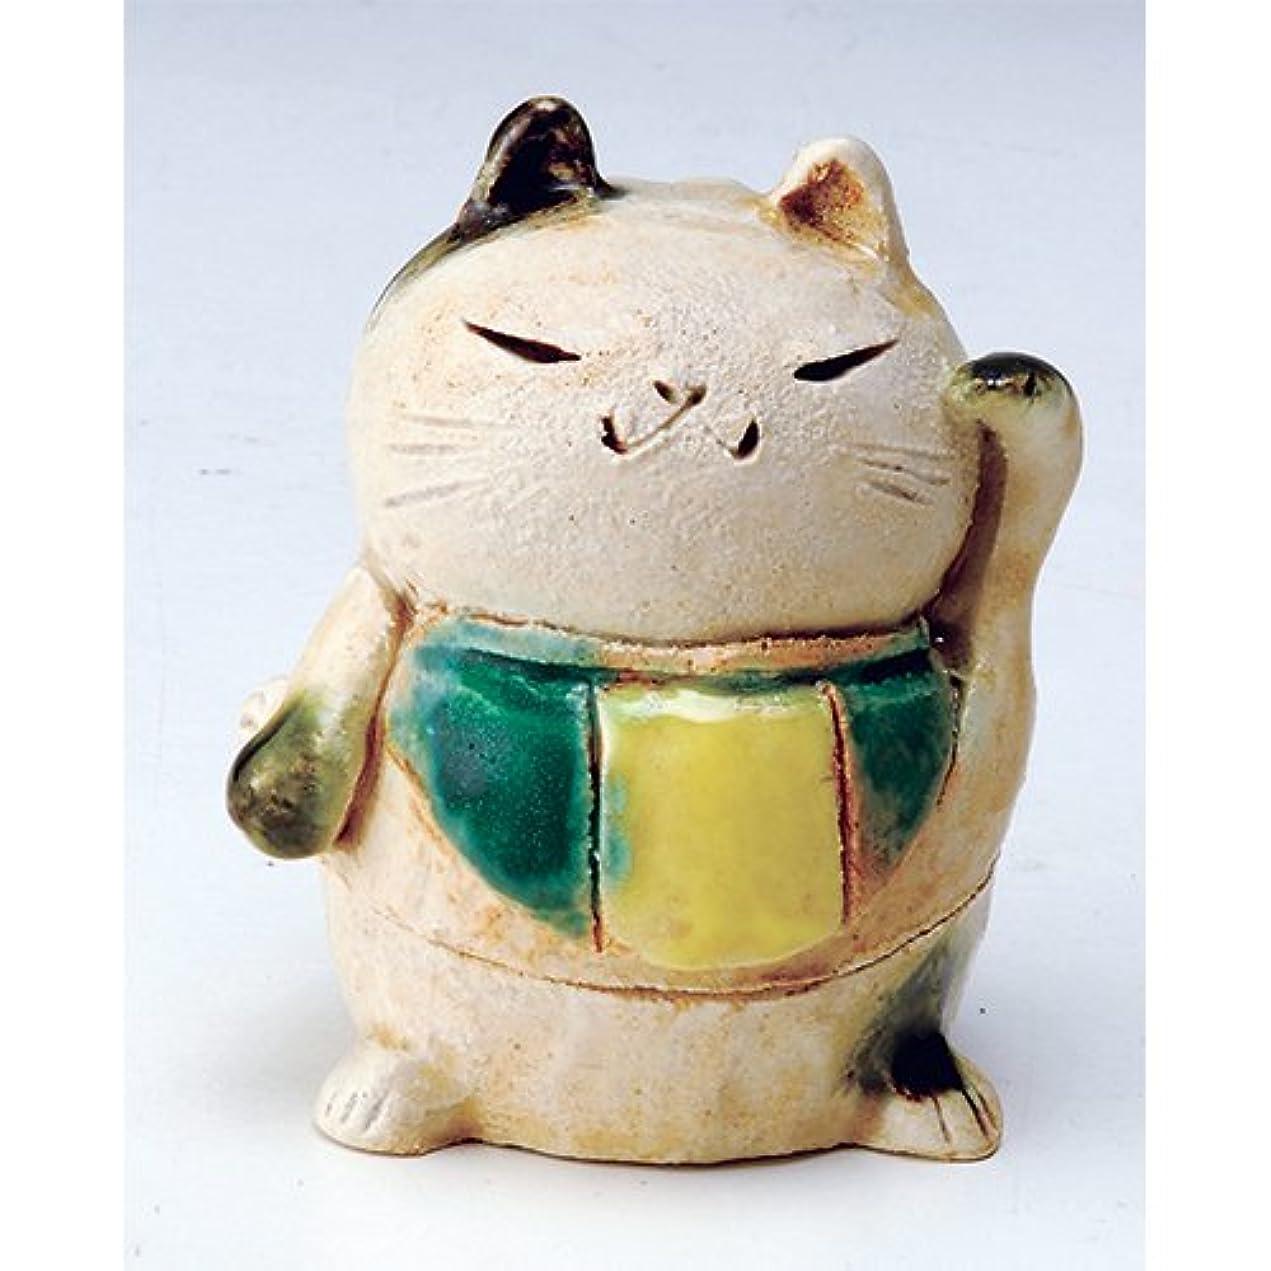 吹きさらしサスペンド神秘香炉 白萩 招き猫(人)香炉(小) [H8cm] HANDMADE プレゼント ギフト 和食器 かわいい インテリア